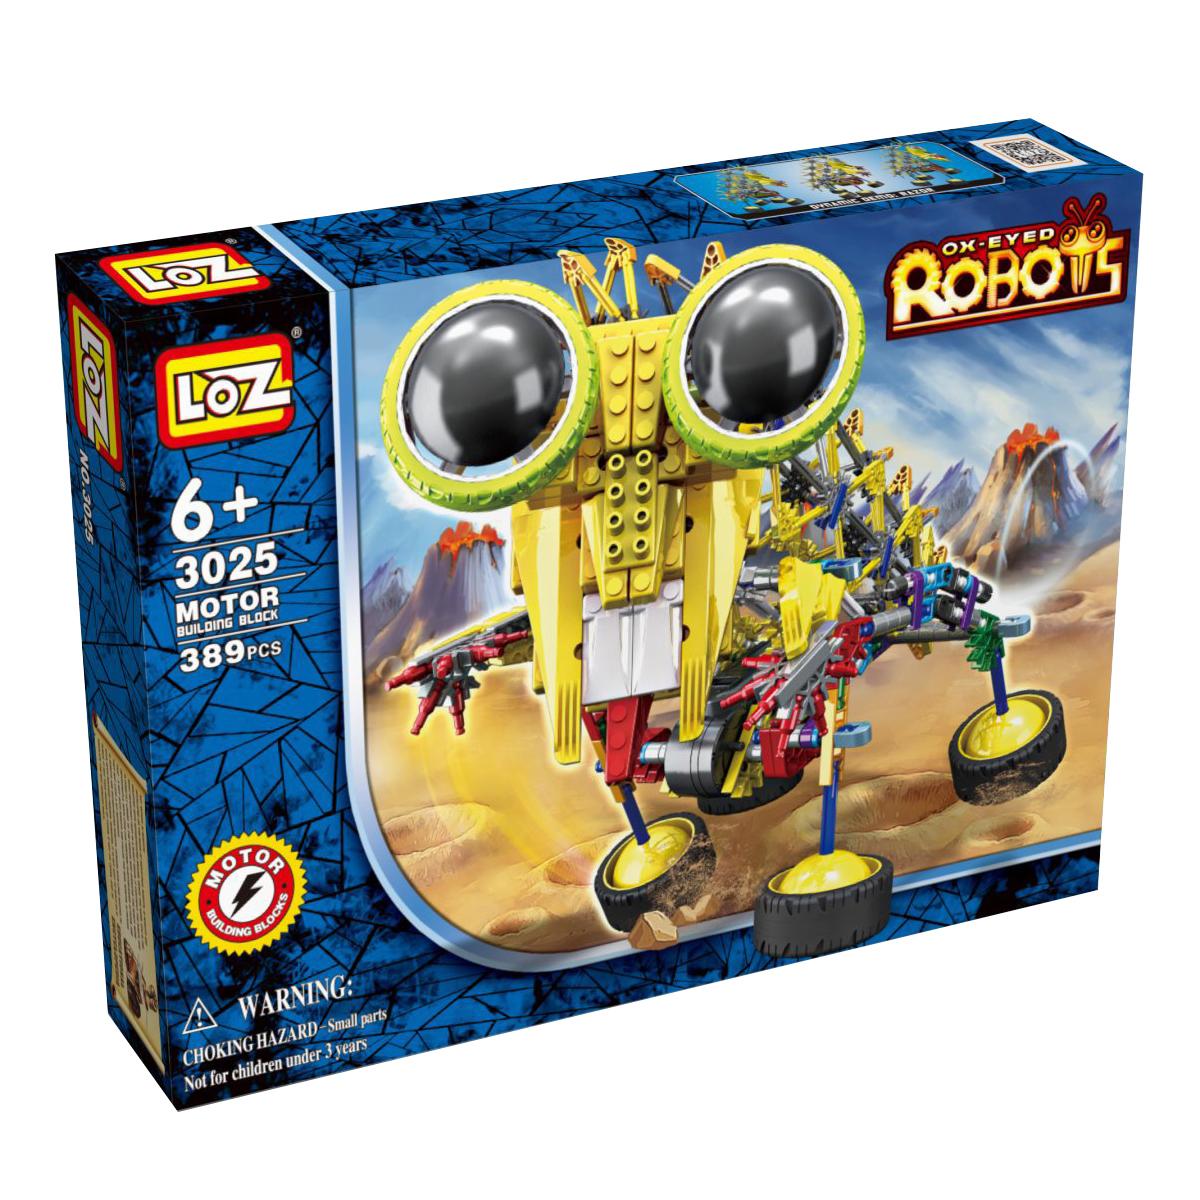 Loz Конструктор iRobot Шиношлеп3025Электромеханический конструктор iRobot. Серия: Роботы. Шиношлеп будет замечательным подарком для Вашего ребенка. С помощью моторчика робот уверенно передвигается. Такая игрушка хорошо влияет на развитие у ребенка мелкой моторики, логического мышления, внимательности и усидчивости. Конструкторы данной серии уникальны тем, что малыш может играть получившейся игрушкой. Для работы моторчика нужны две батарейки типа АА (в комплект не входят). В набор входит 389 деталей конструктора и подробная инструкция. Рекомендовано для детей от 6-ти лет.